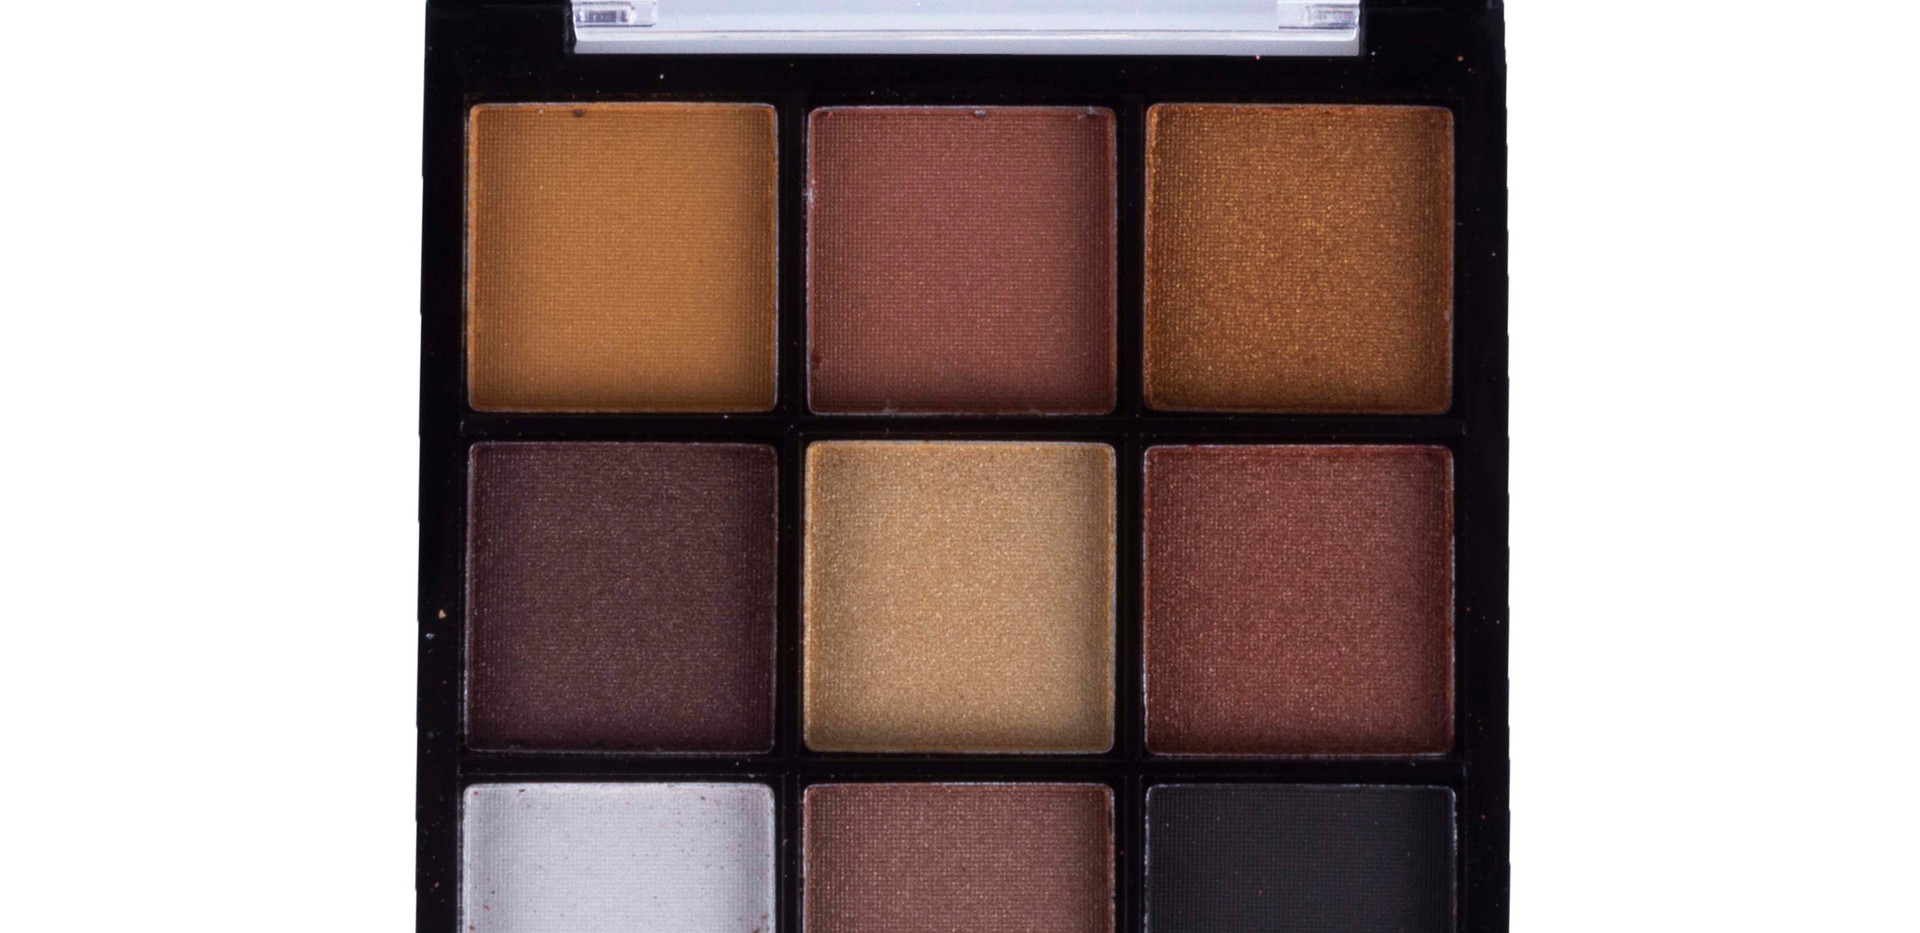 Paleta de Sombras 9 Cores Dapop - HB96655 (cor 3)